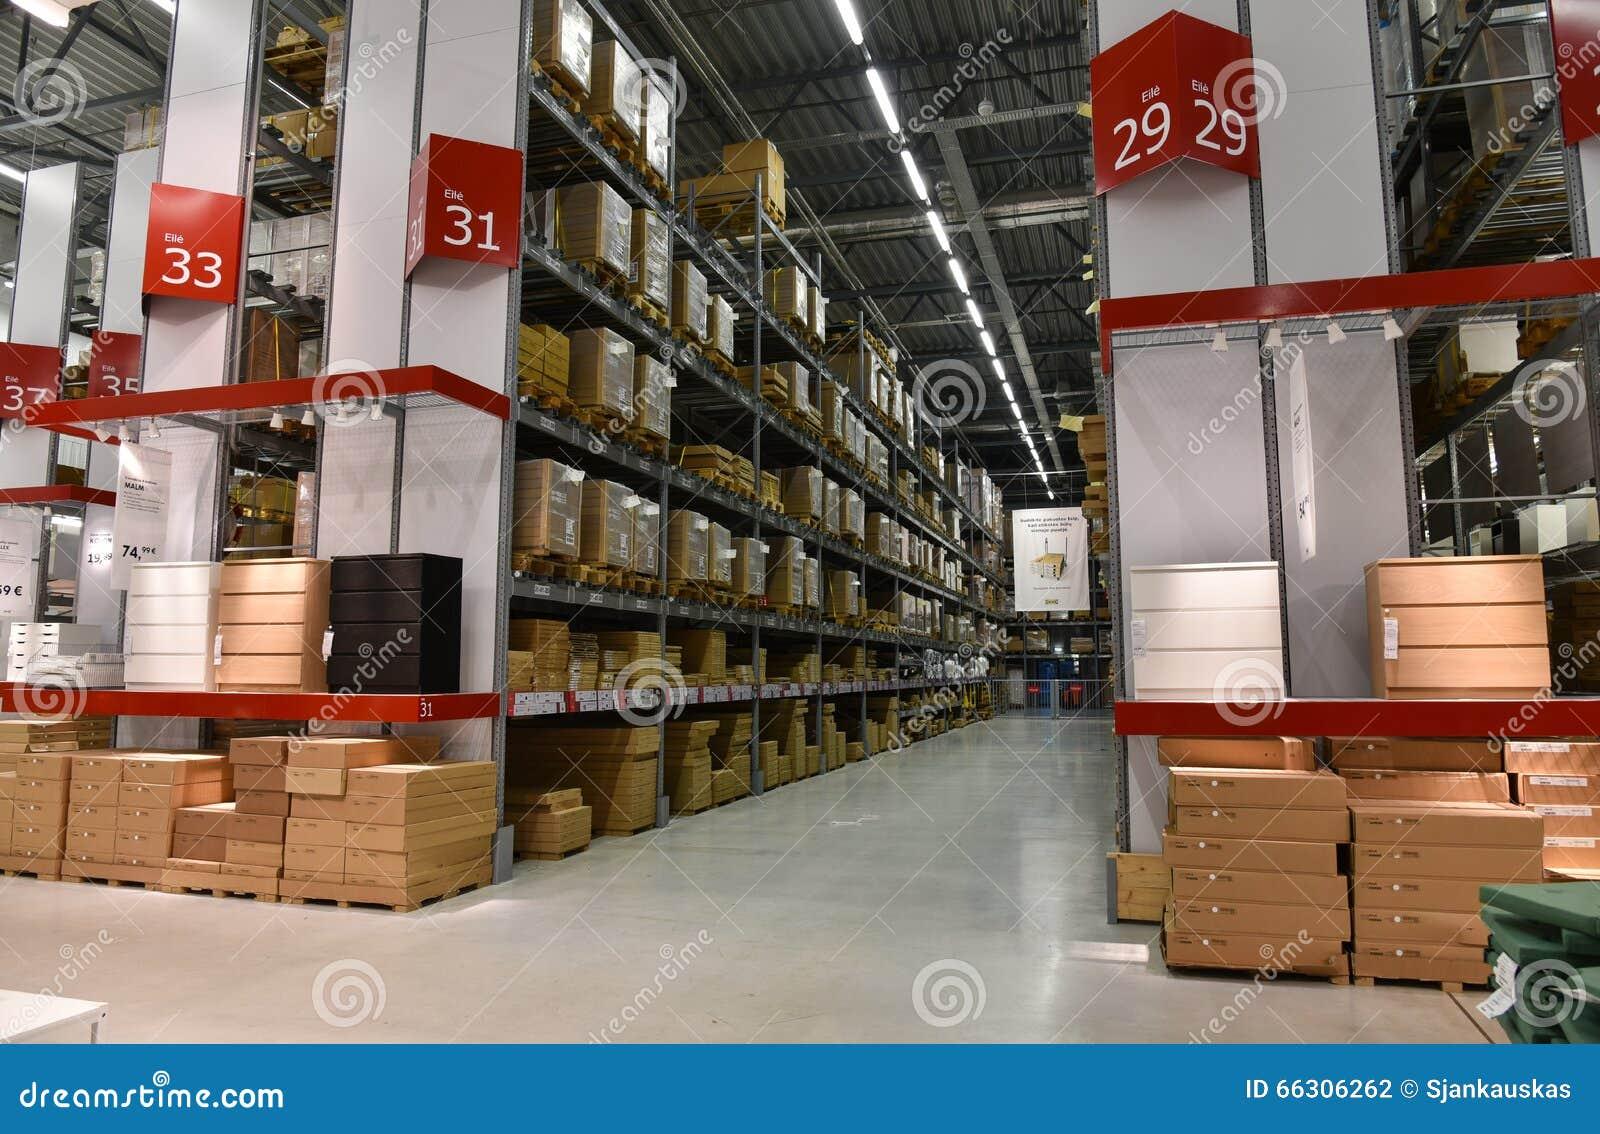 Download Ikea Lagern Ein Redaktionelles Stockfotografie. Bild Von Behälter    66306262